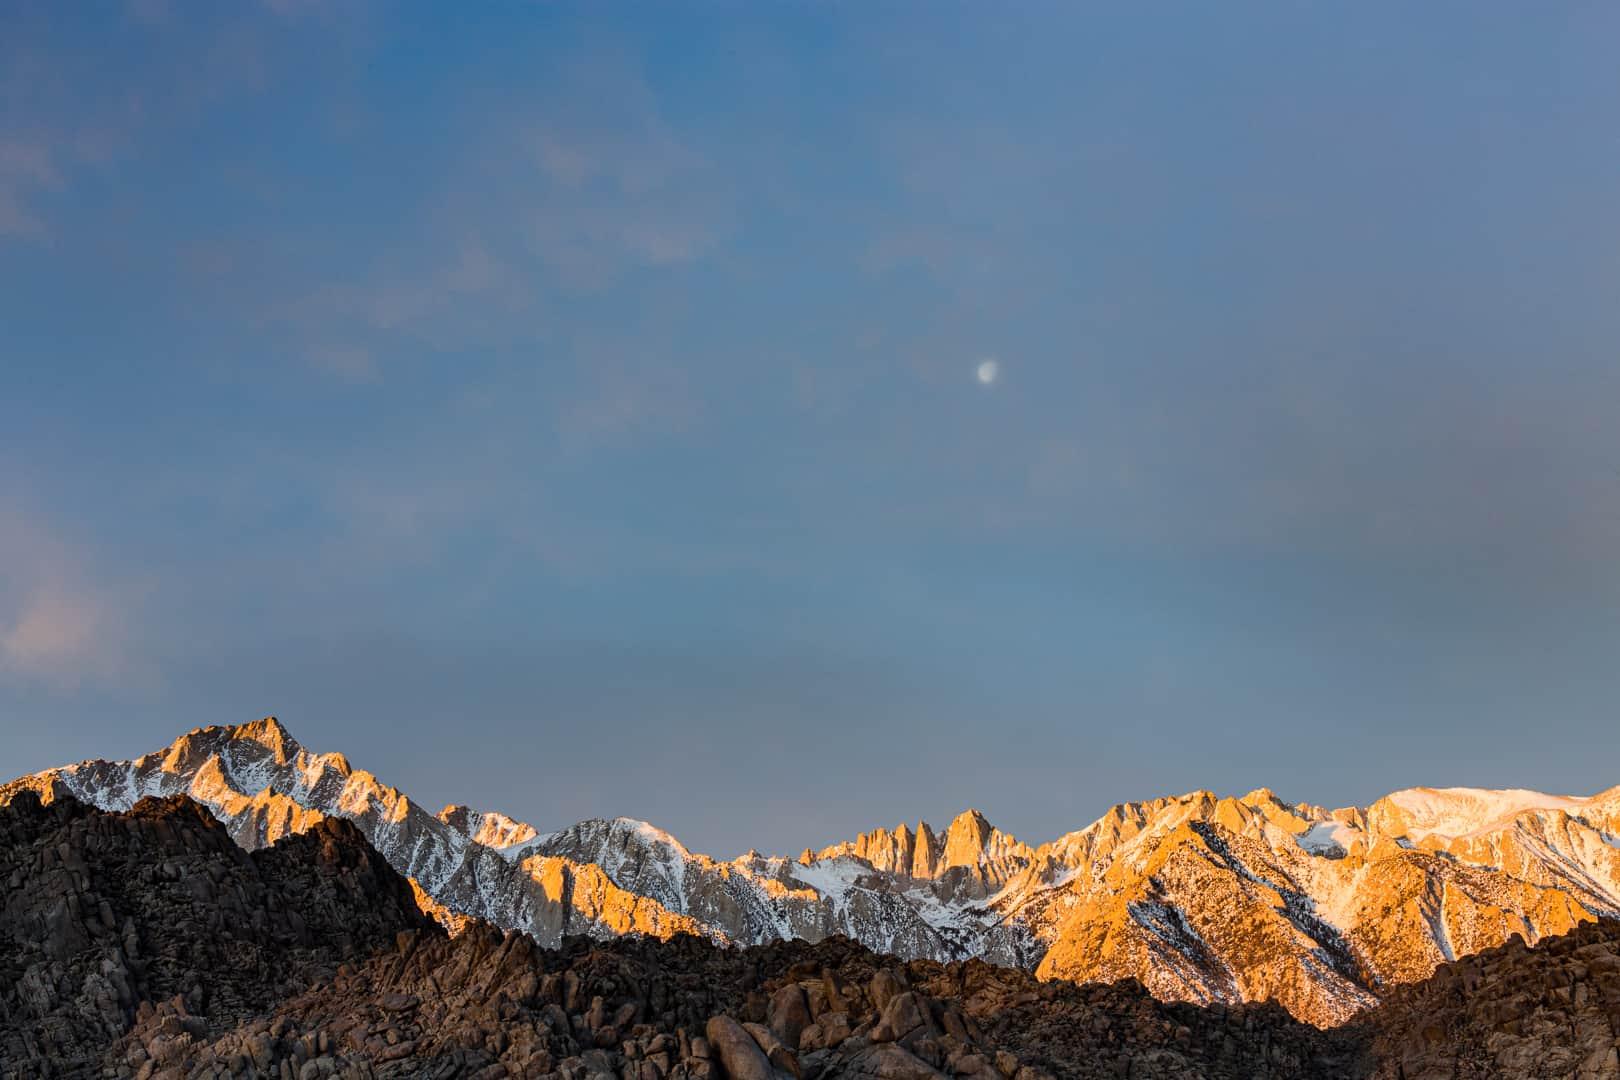 Moonrise over Mount Whitney, Eastern Sierra, January 2016